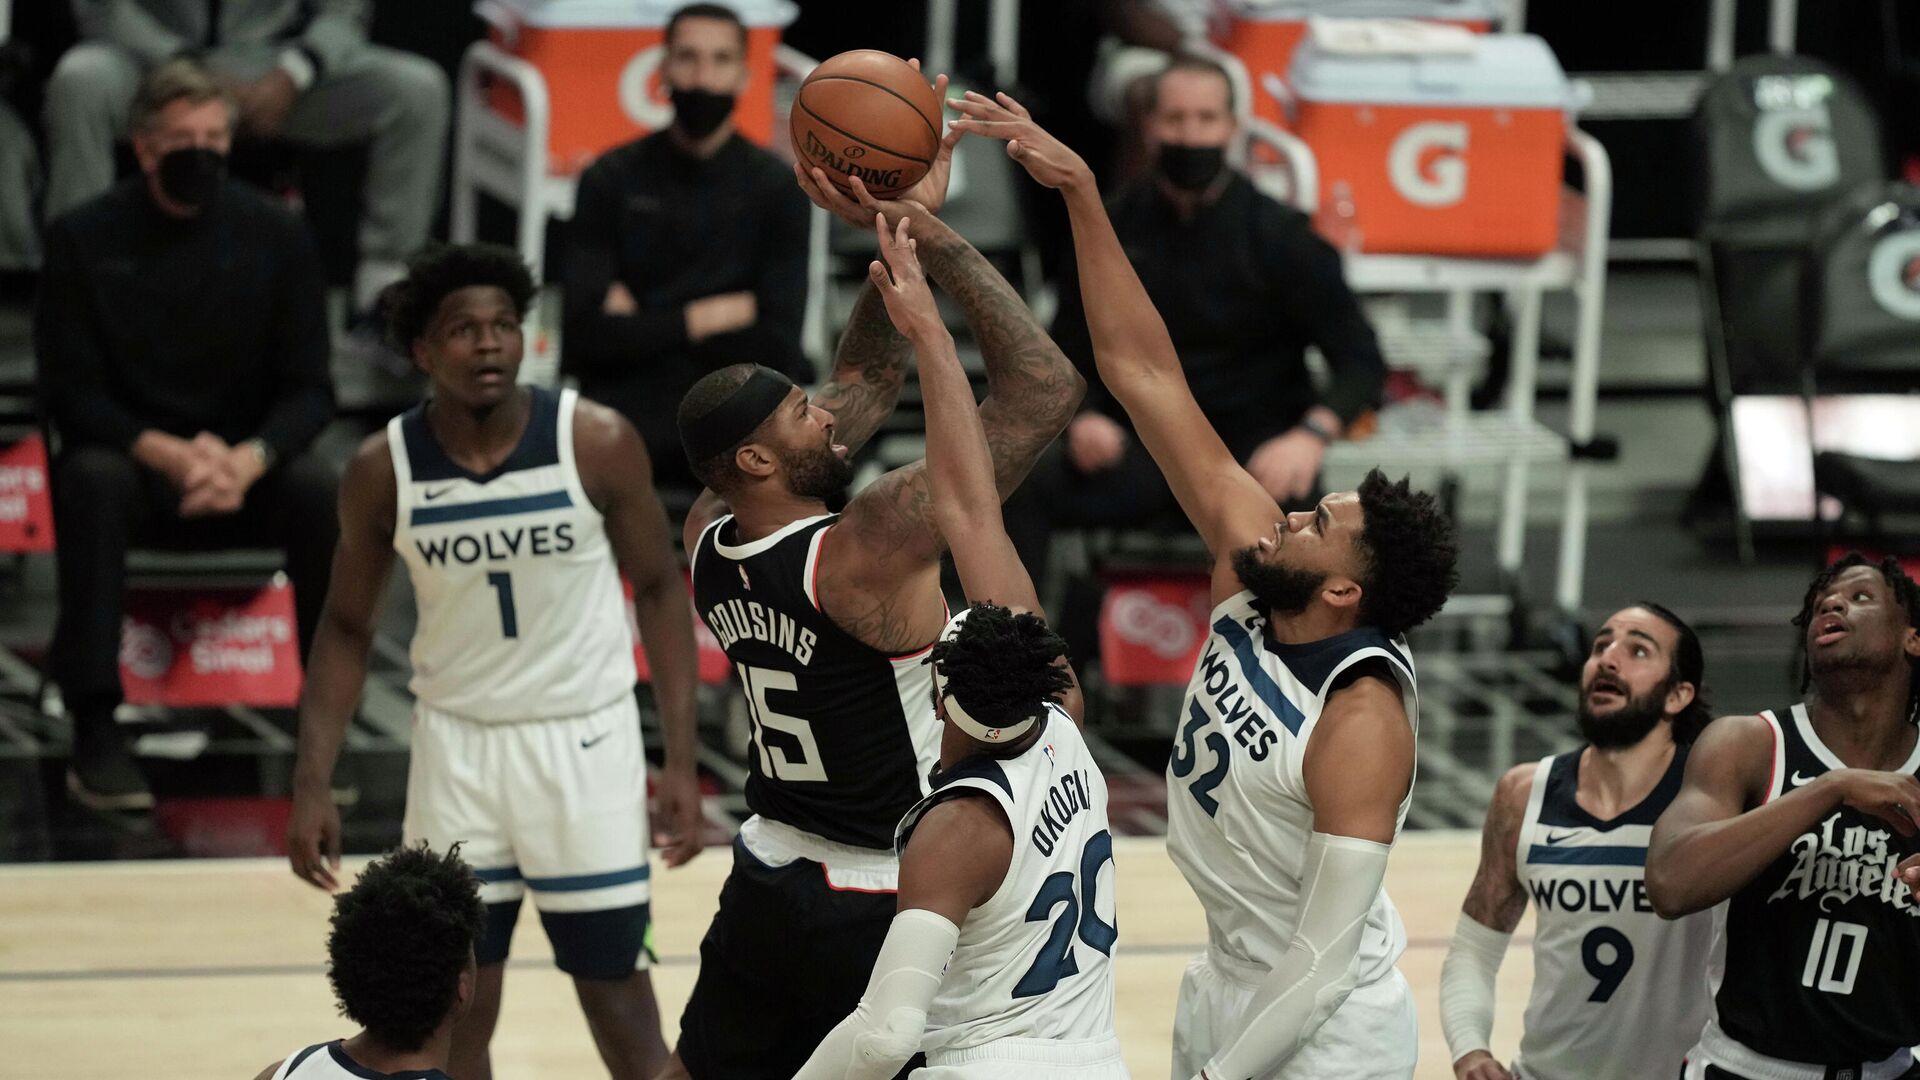 Игровой момент матча НБА Клипперс - Миннесота - РИА Новости, 1920, 19.04.2021